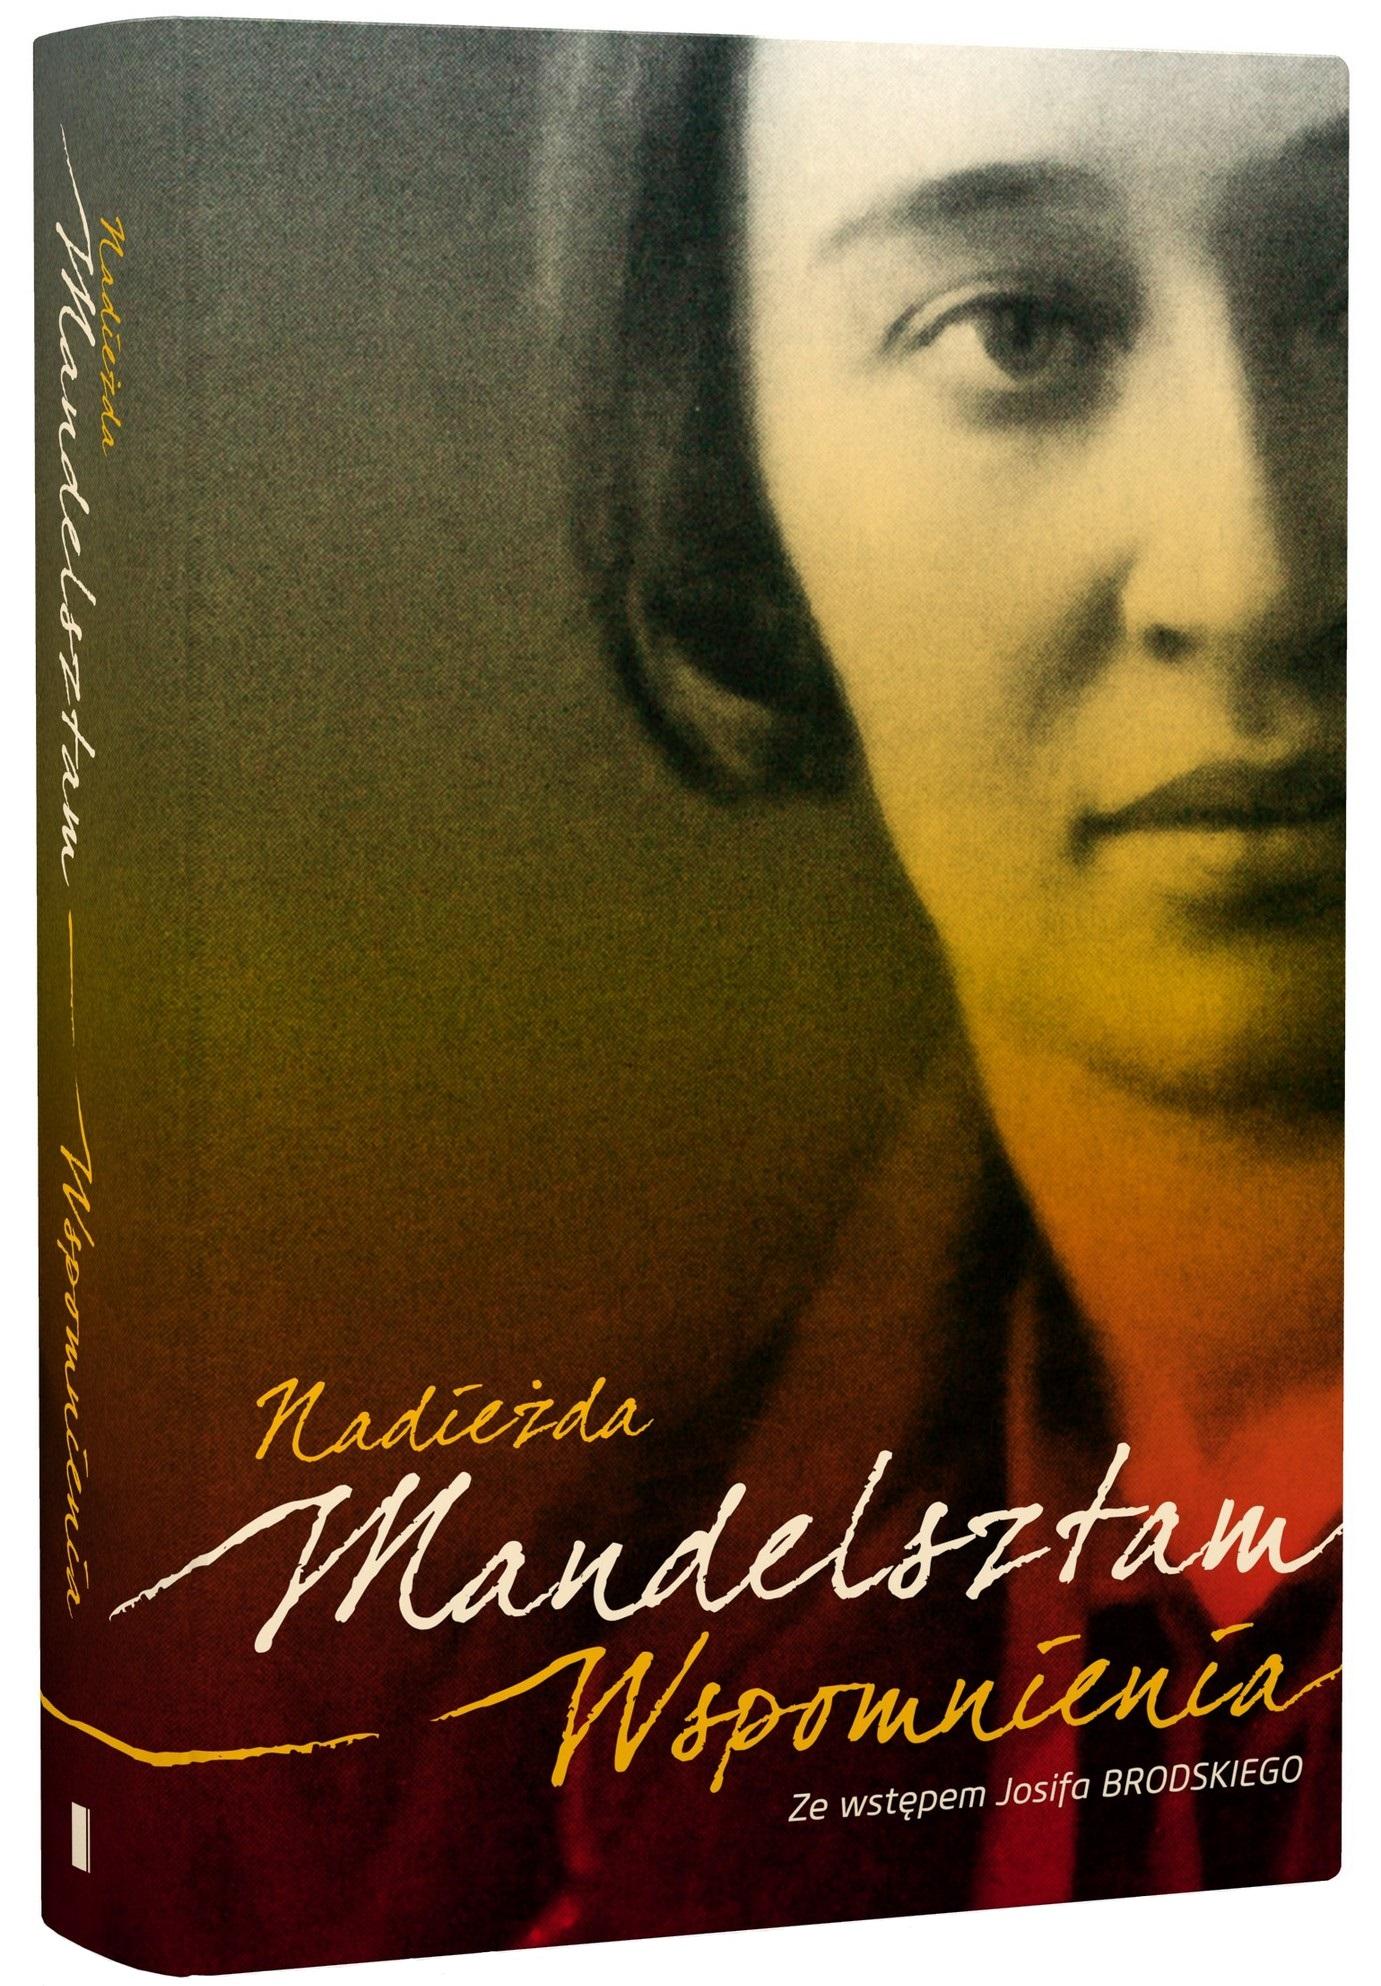 """Nadieżda Mandelsztam, """"Wspomnienia"""" – okładka (źródło: materiały prasowe)"""